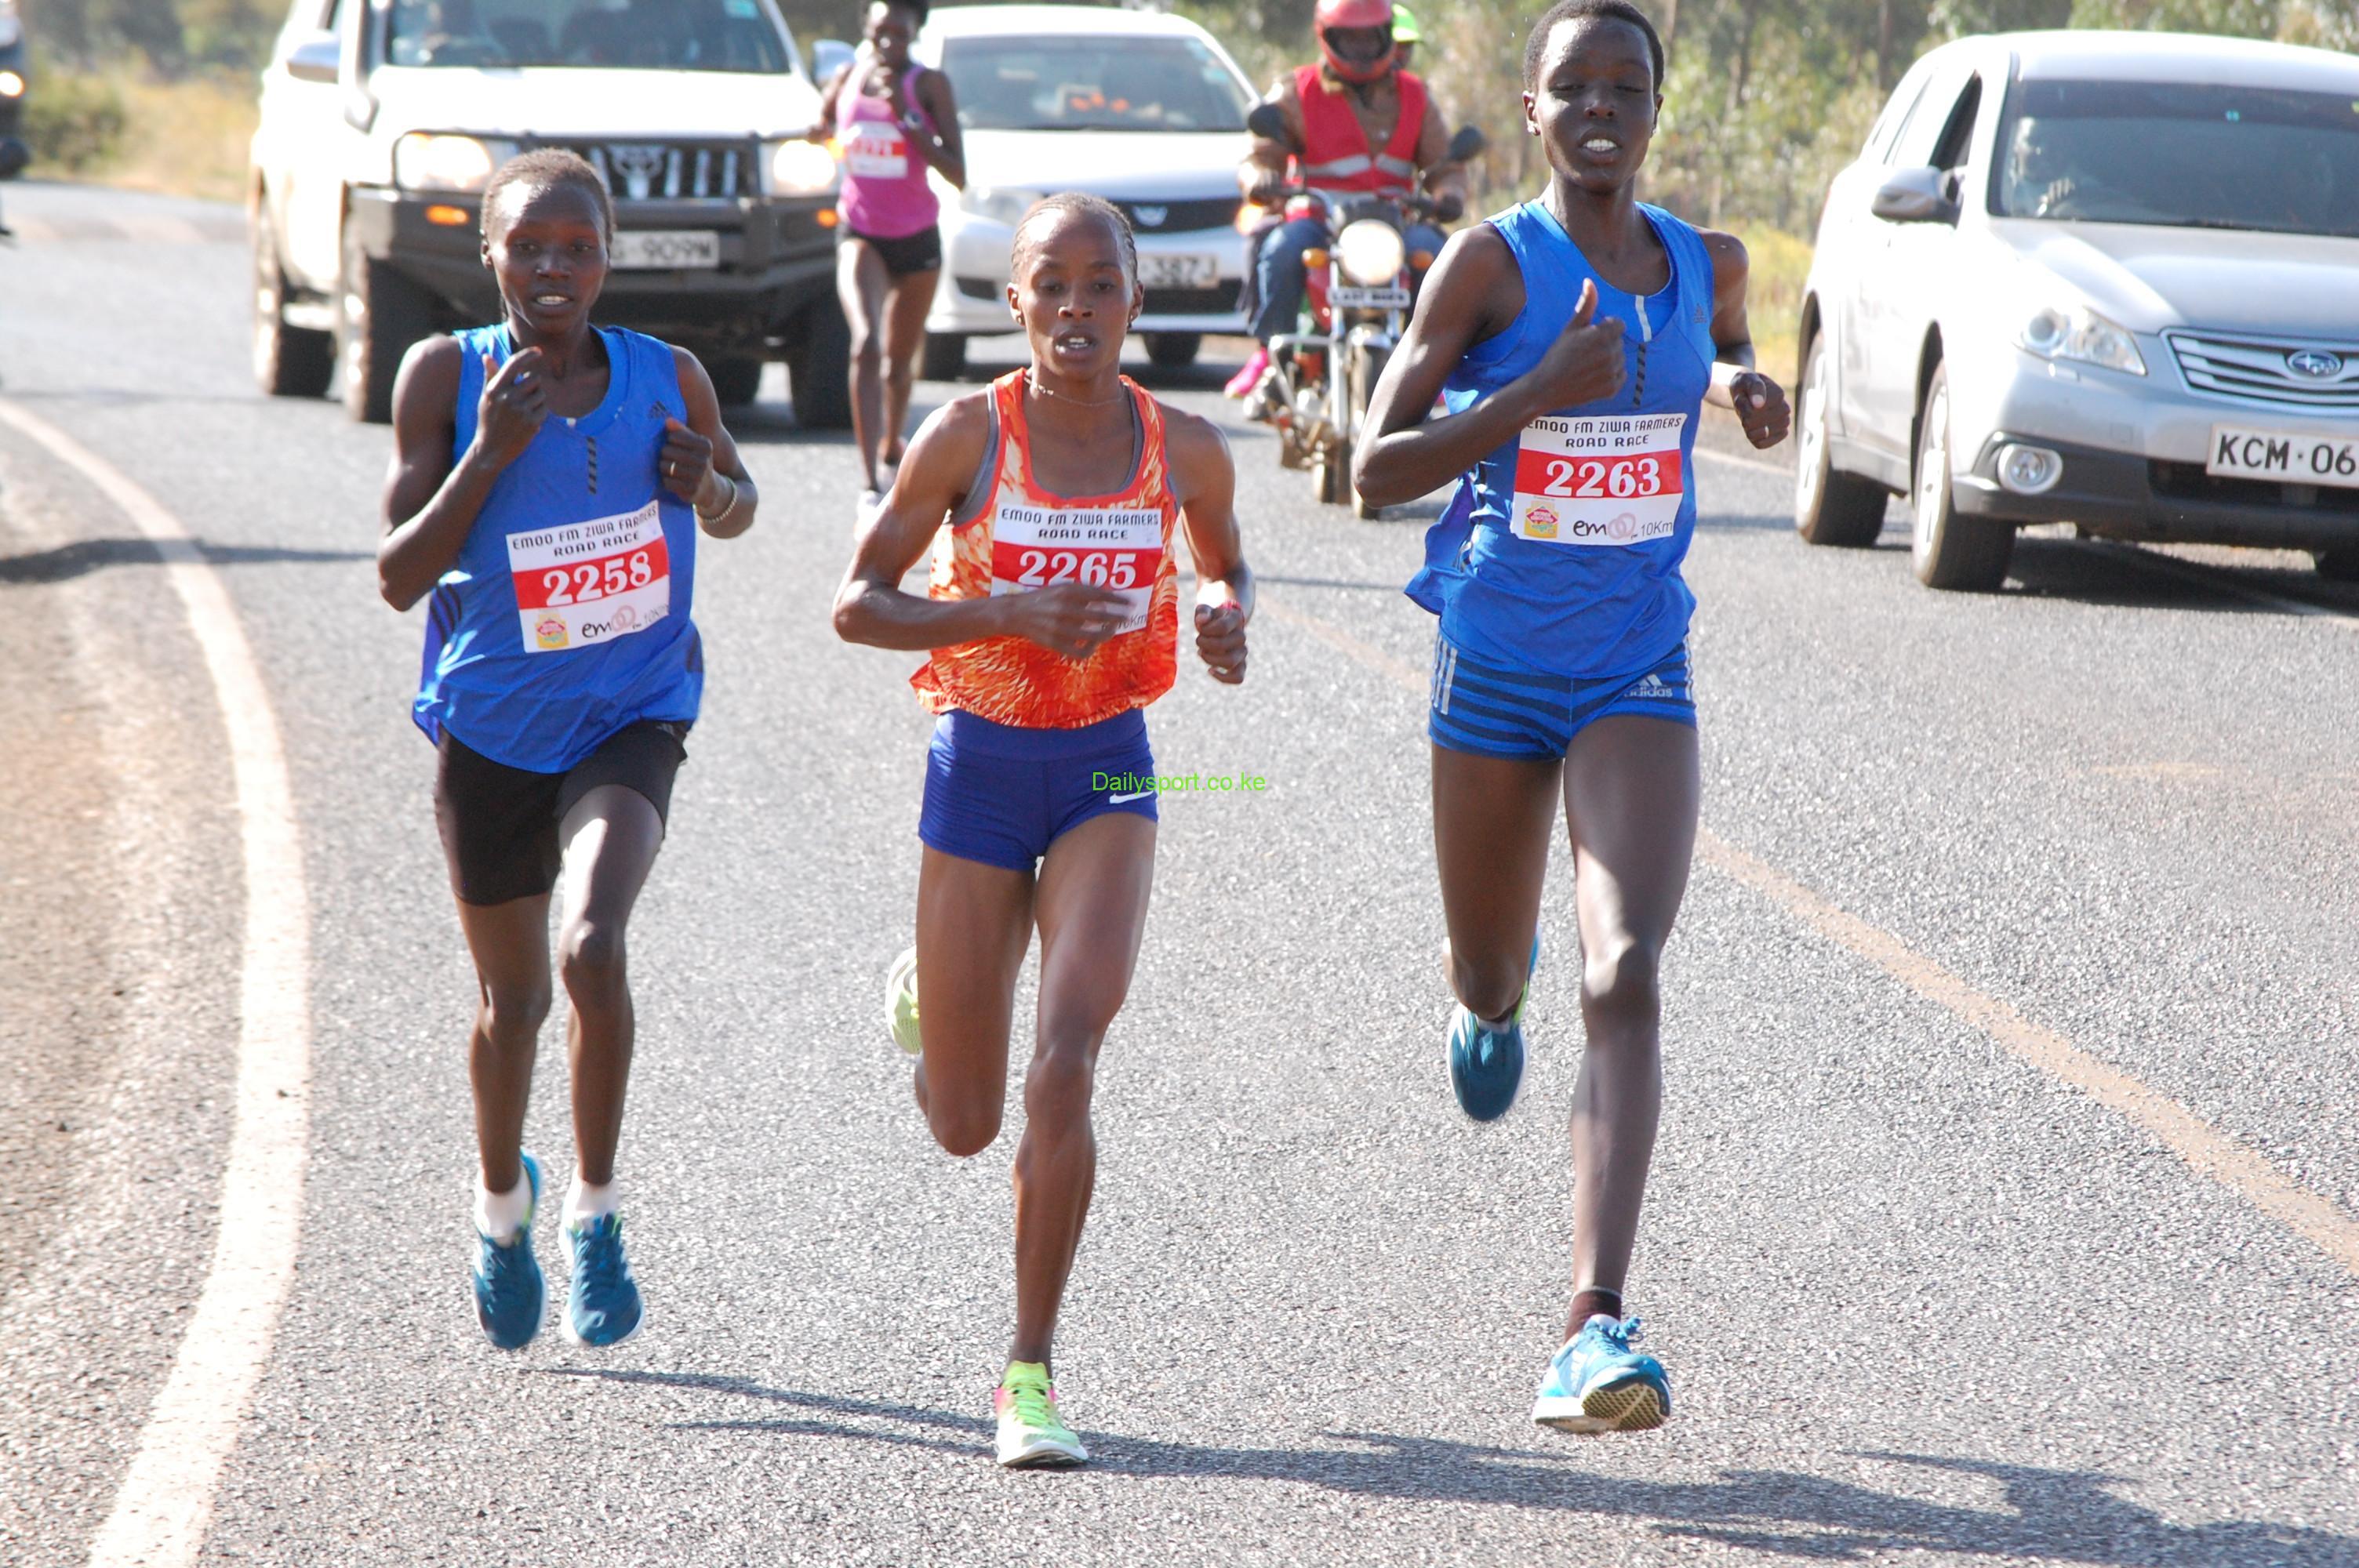 Valary jemeli, Valary Jemeli Aiyabei, Nagoya women Marathon, Eunice Kirwa